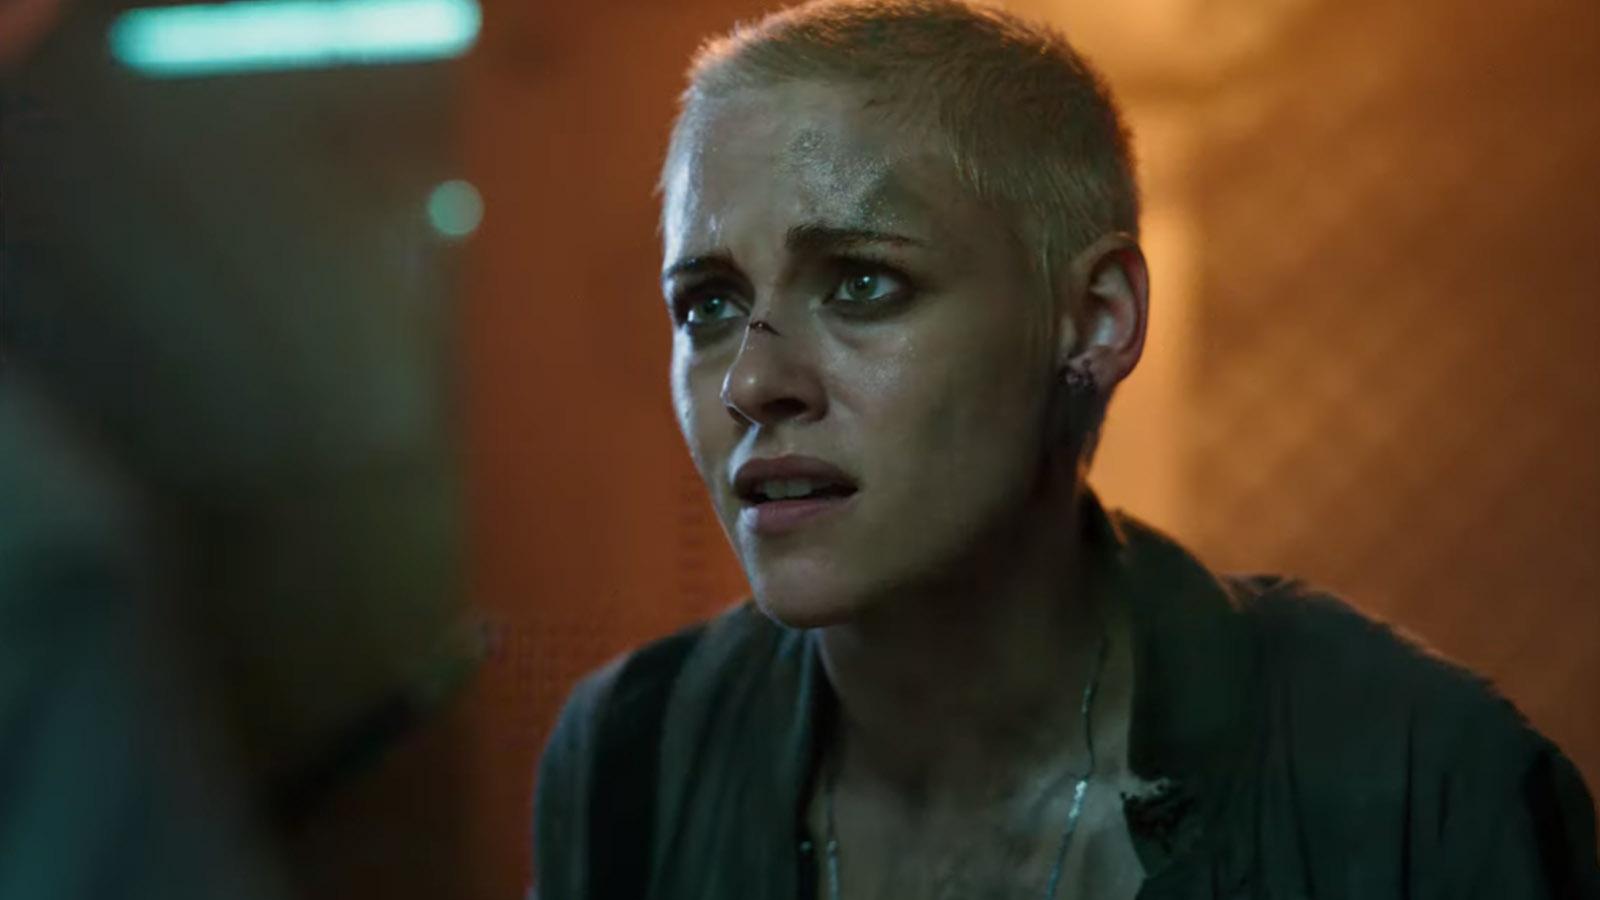 Kristen stewart en 'Underwater' (20 Century Fox)